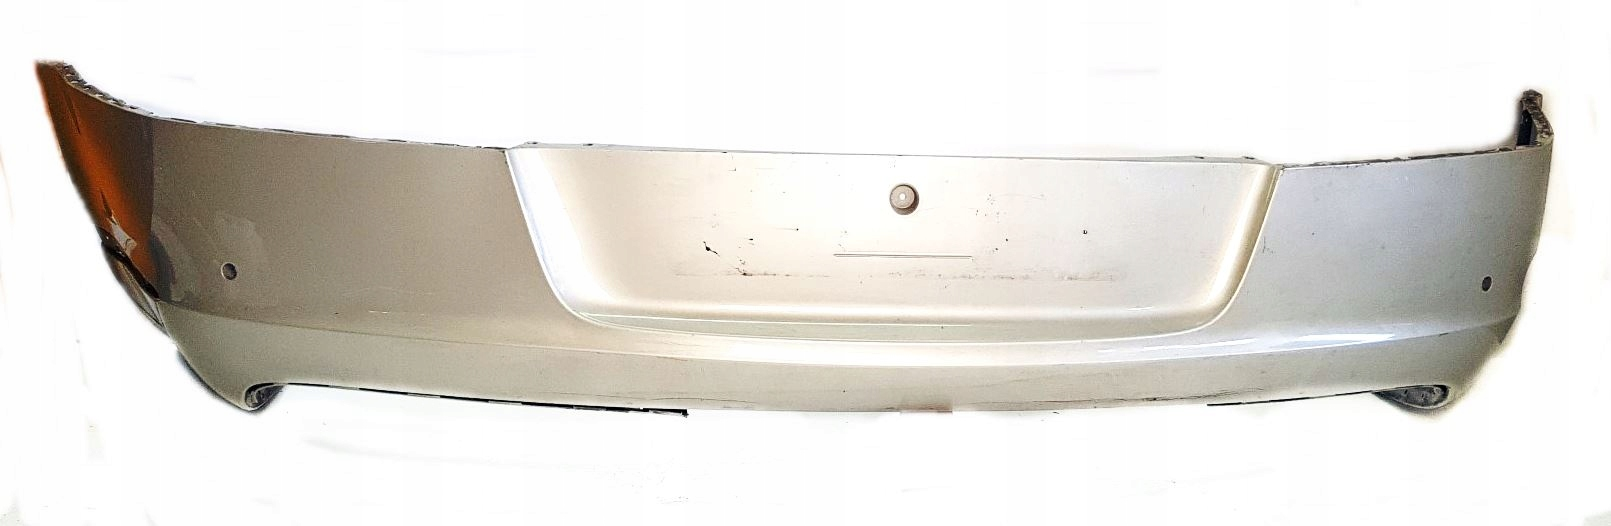 бампер сзади задняя панель bentley continental gt gtc 11-